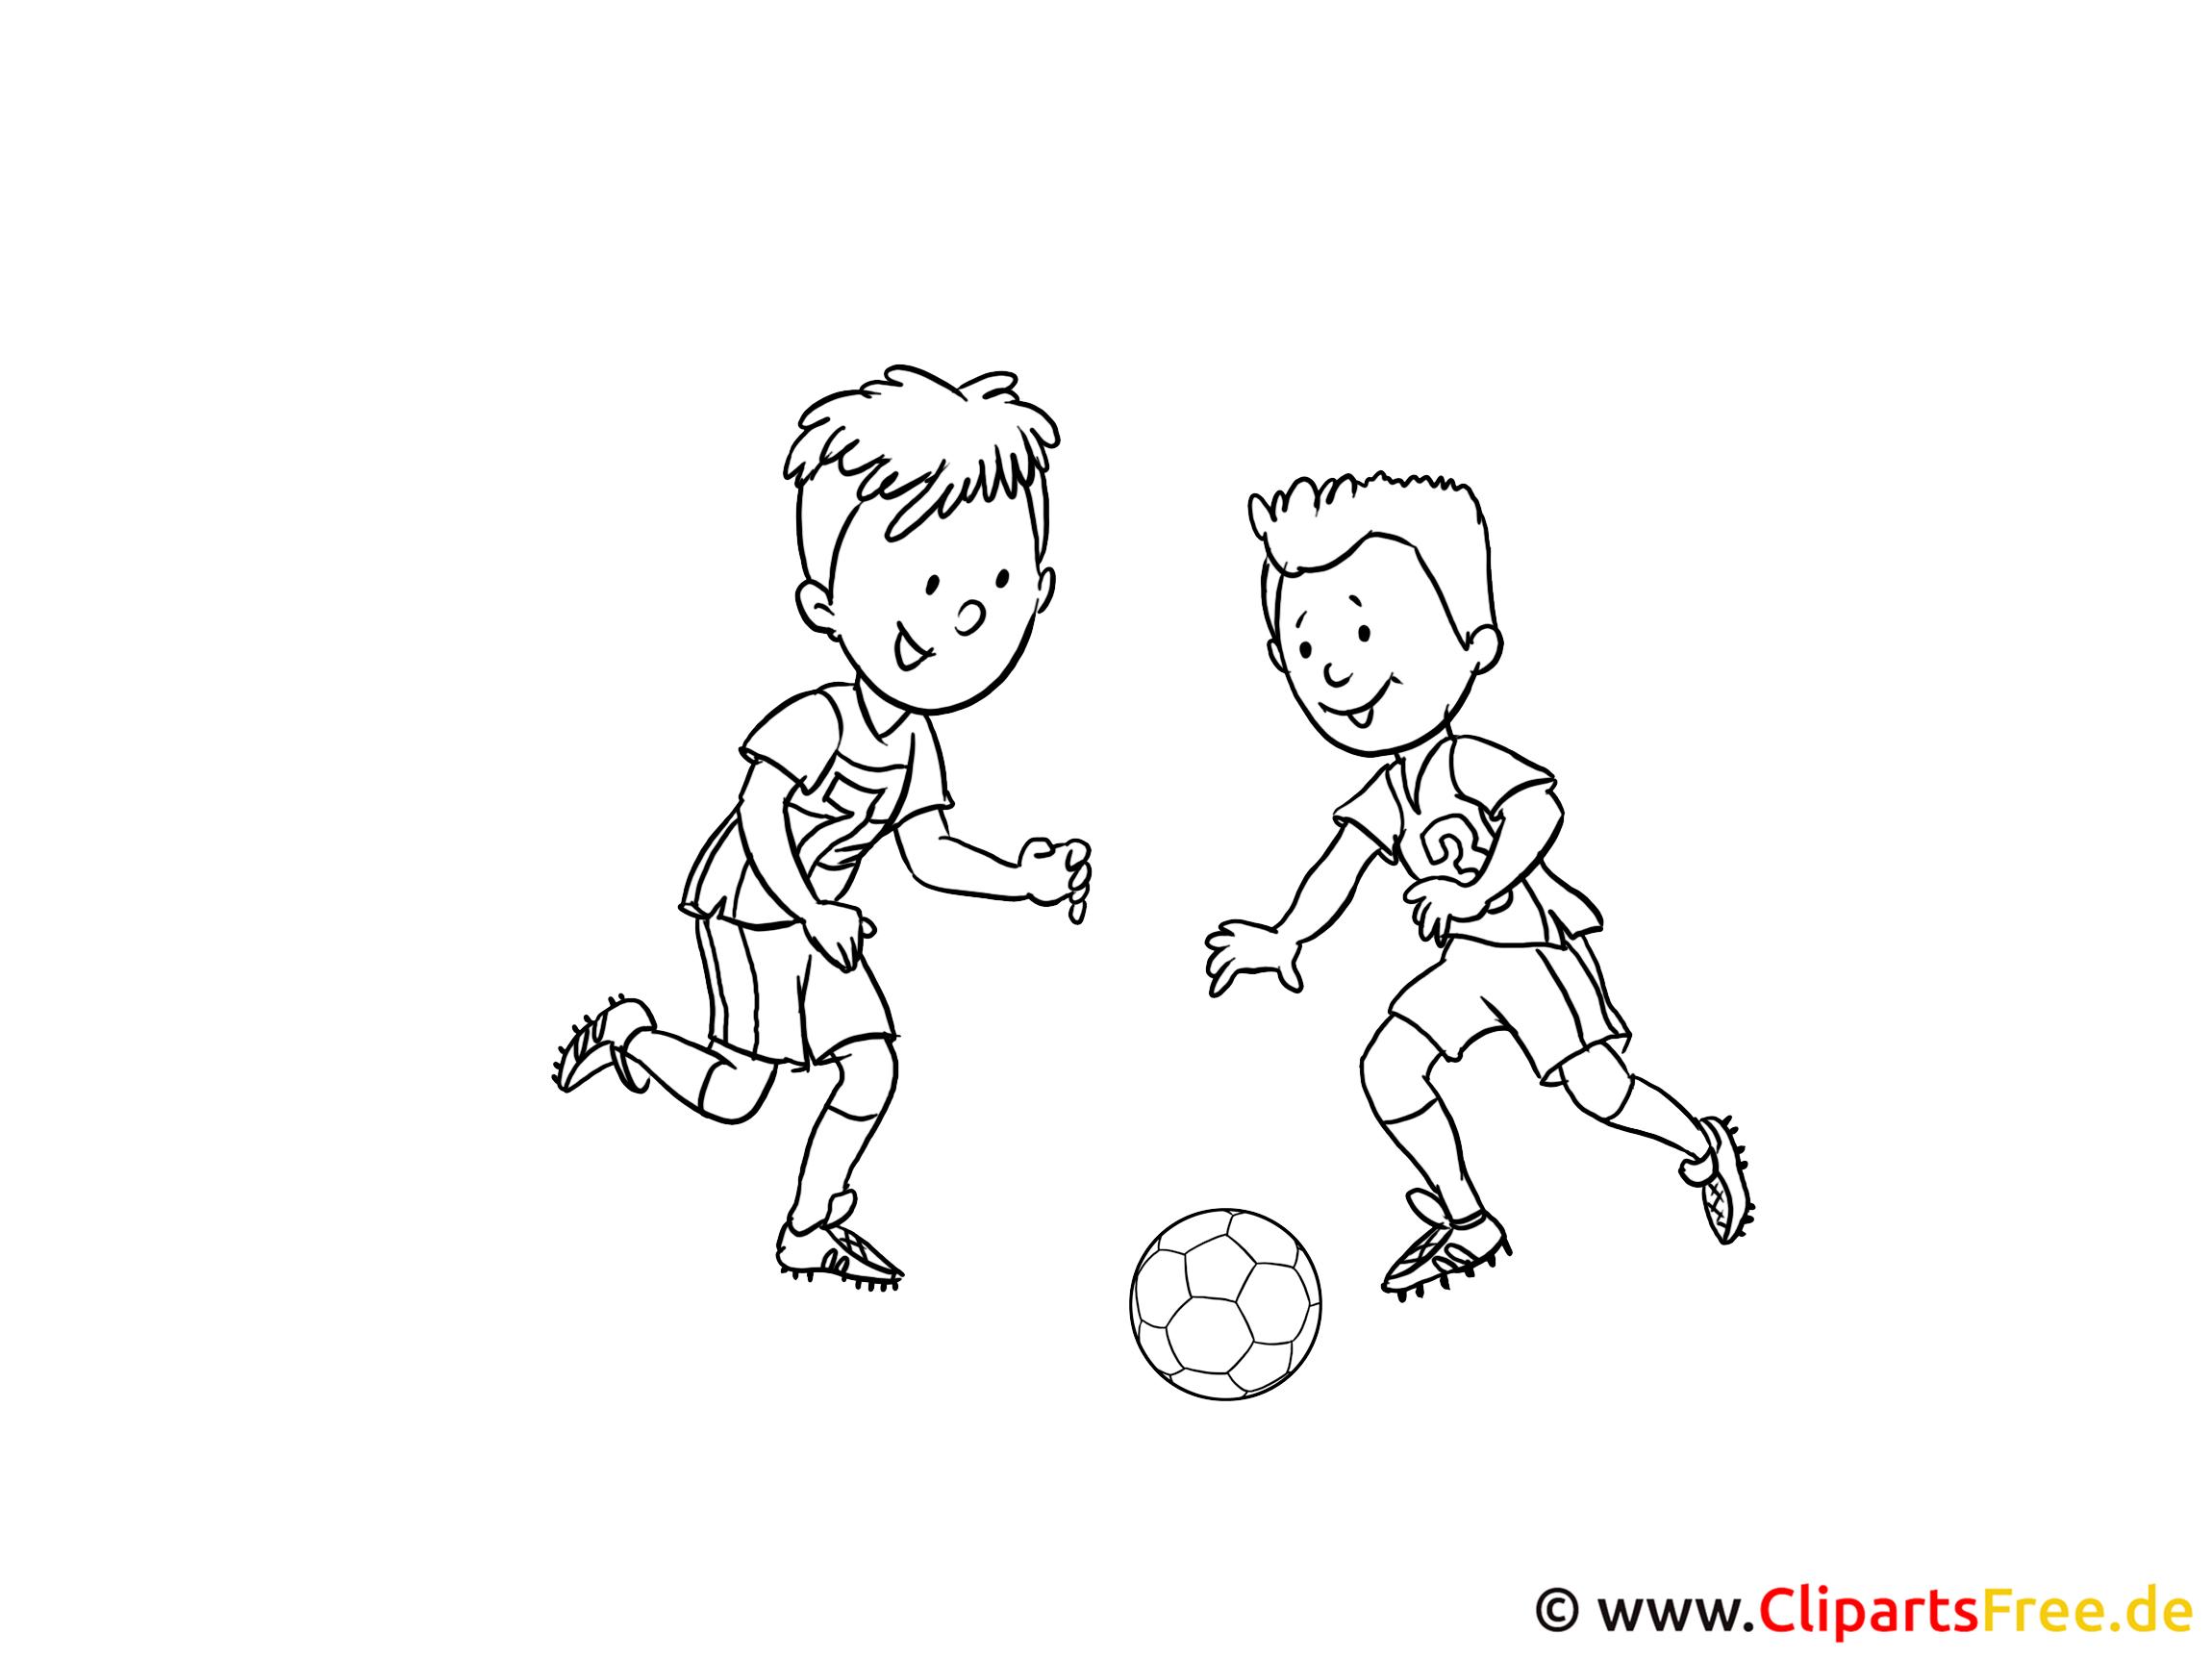 Ausmalbilder Fußball